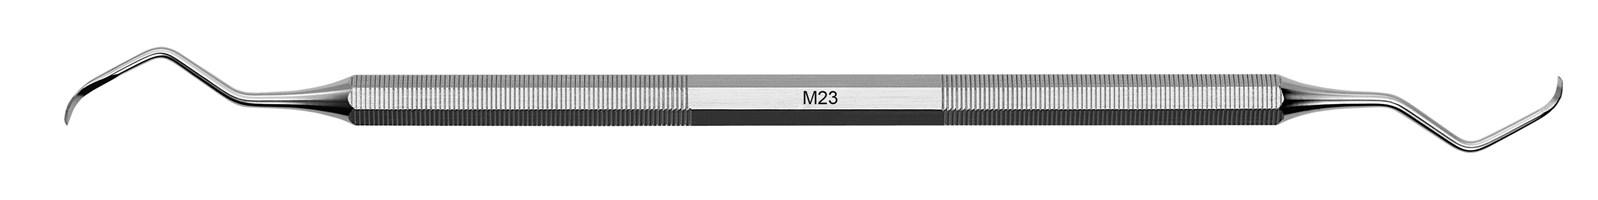 Scaler univerzální - M23, ADEP světle modrý